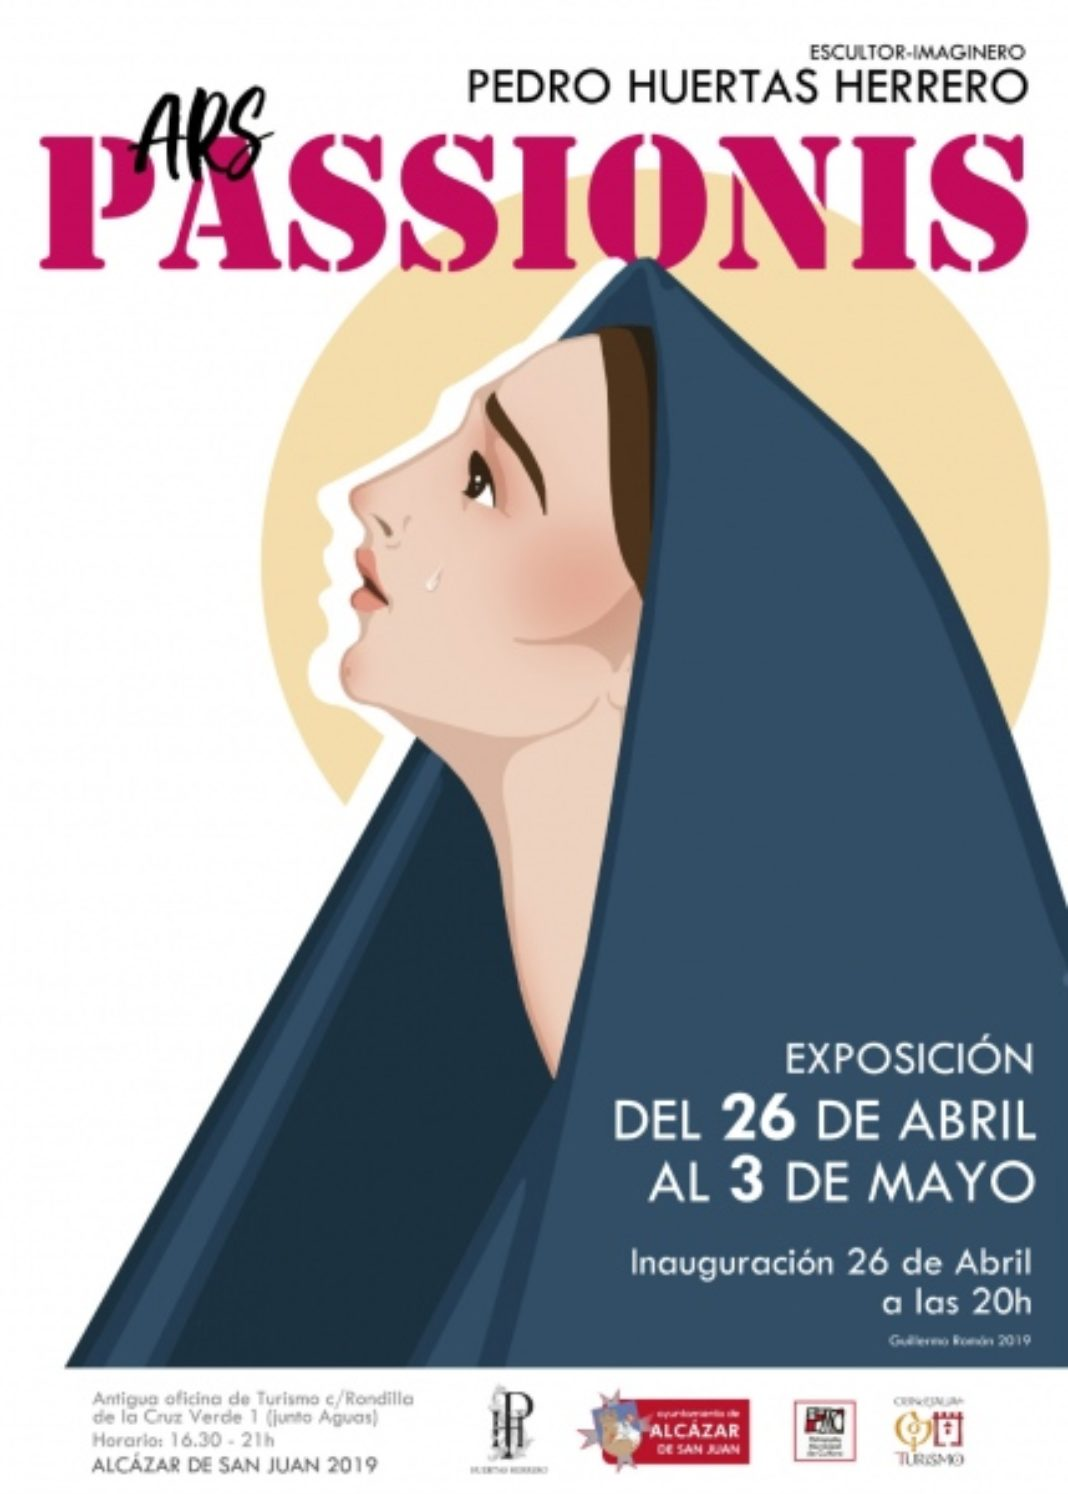 Una exposición en Alcázar recoge la obra de Pedro Huertas Herrero 4